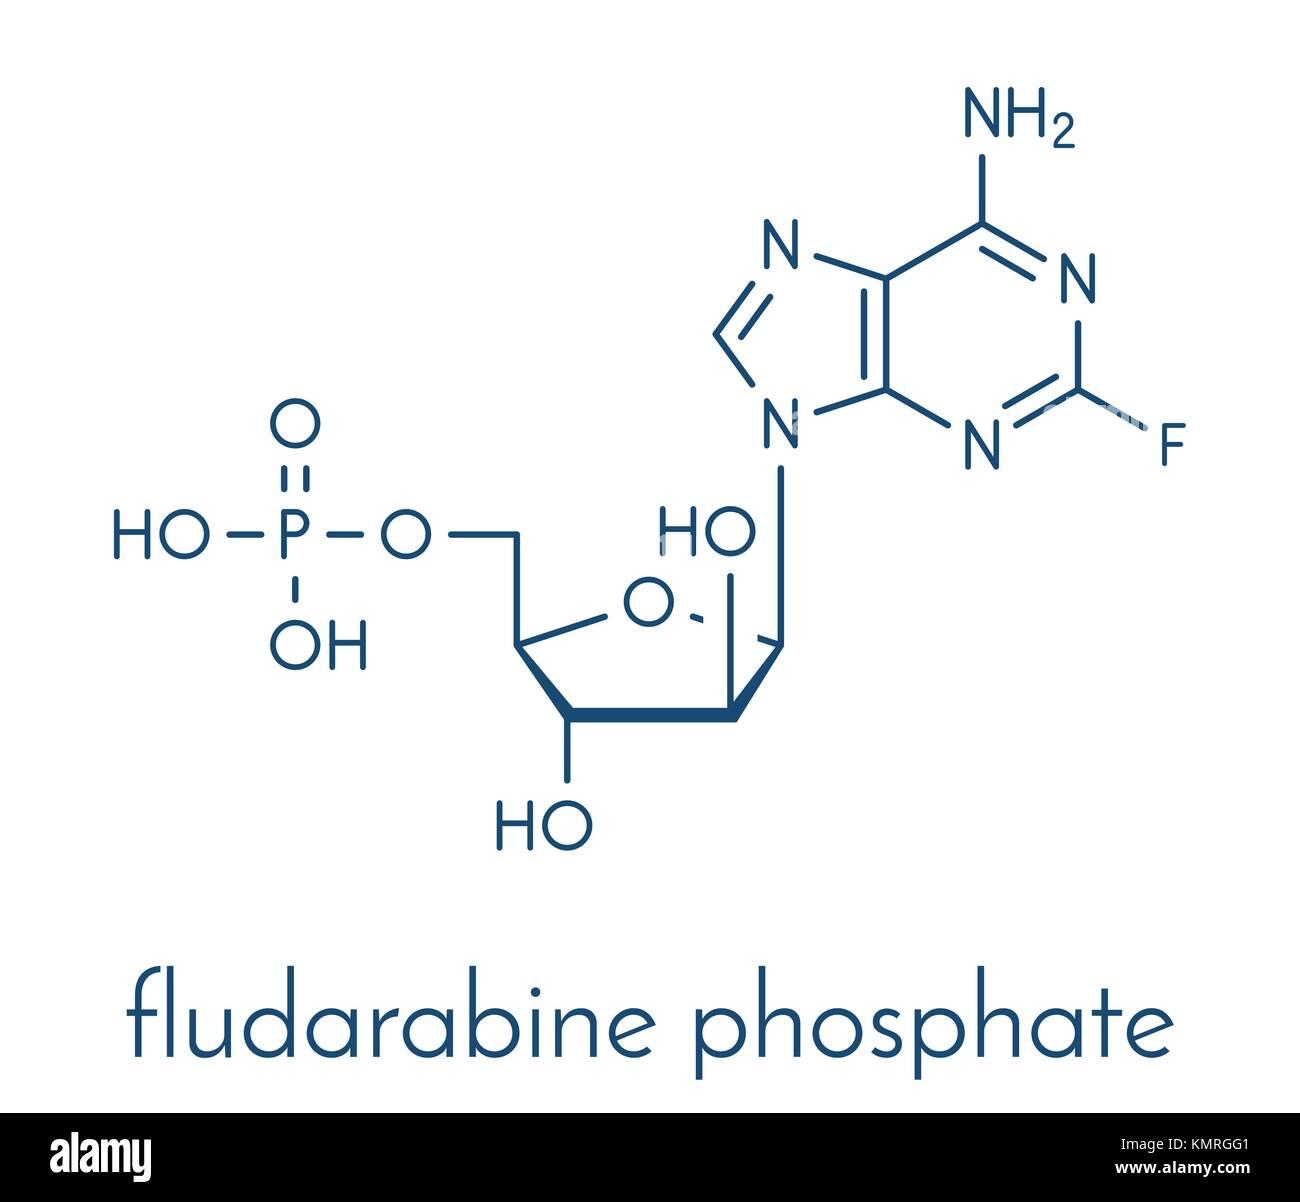 Fludarabine phosphate blood cancer drug molecule. Skeletal formula. - Stock Image